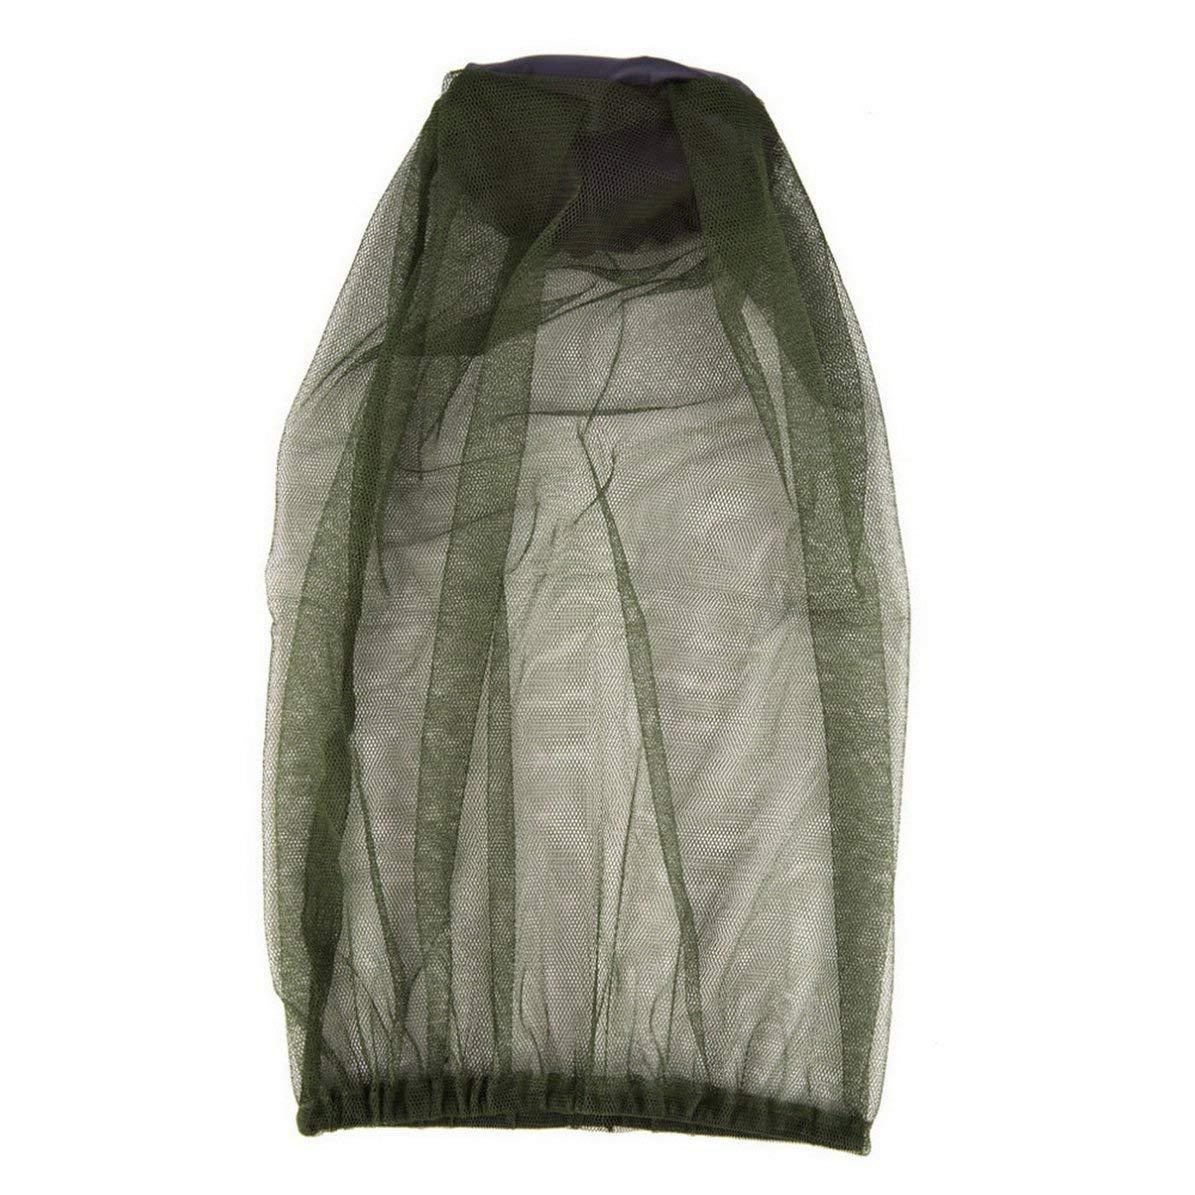 WEIWEITOE Outdoor-Camping-Anti-Moskito-Hut Ineinander greifen-Netz Moskitonetz Cap Mosquito Cloth